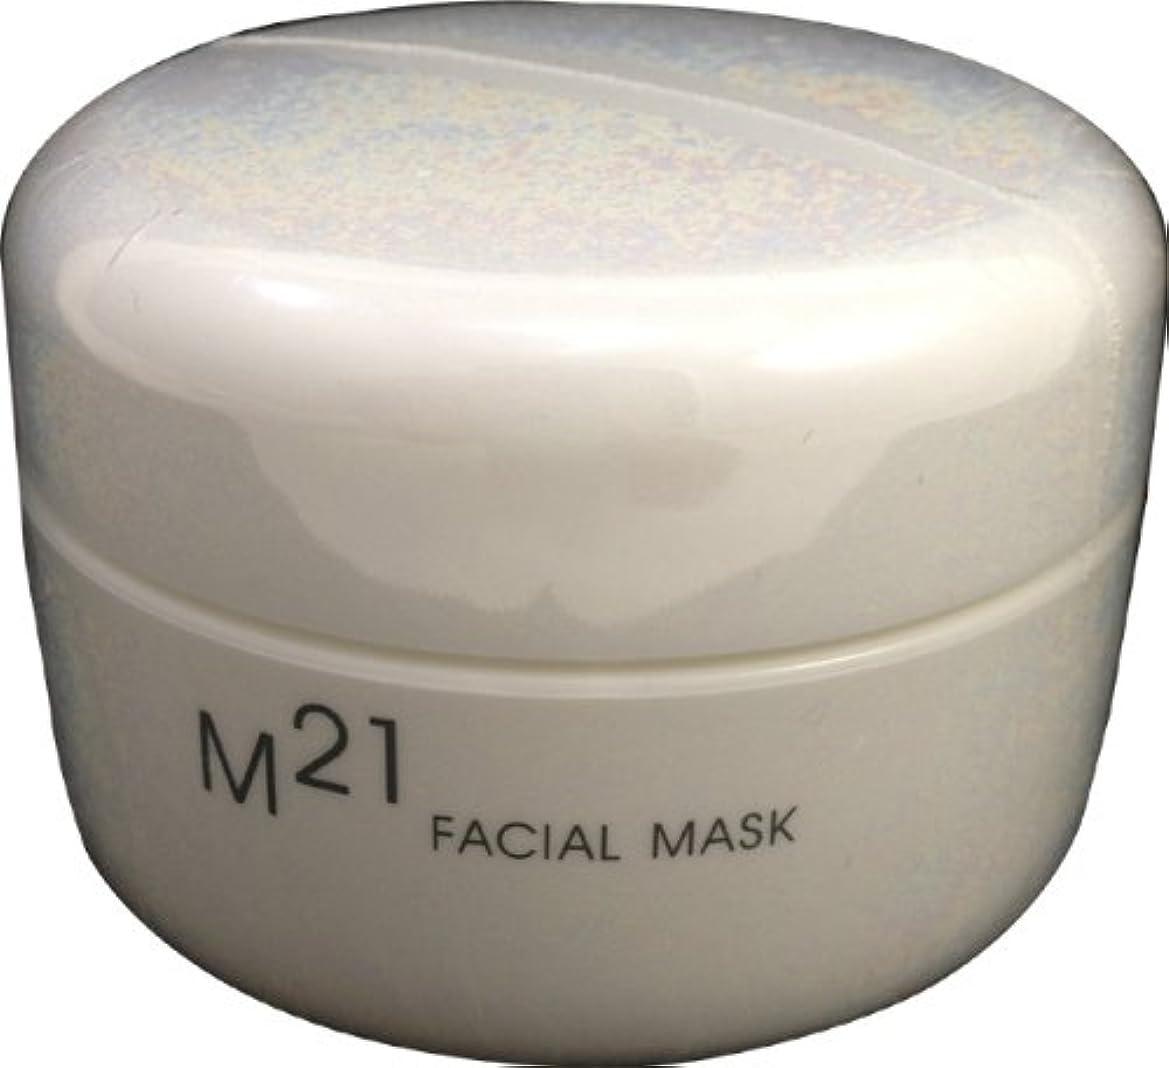 目指すあなたが良くなります促すM21フェイシャルマスク <パック>自然化粧品M21